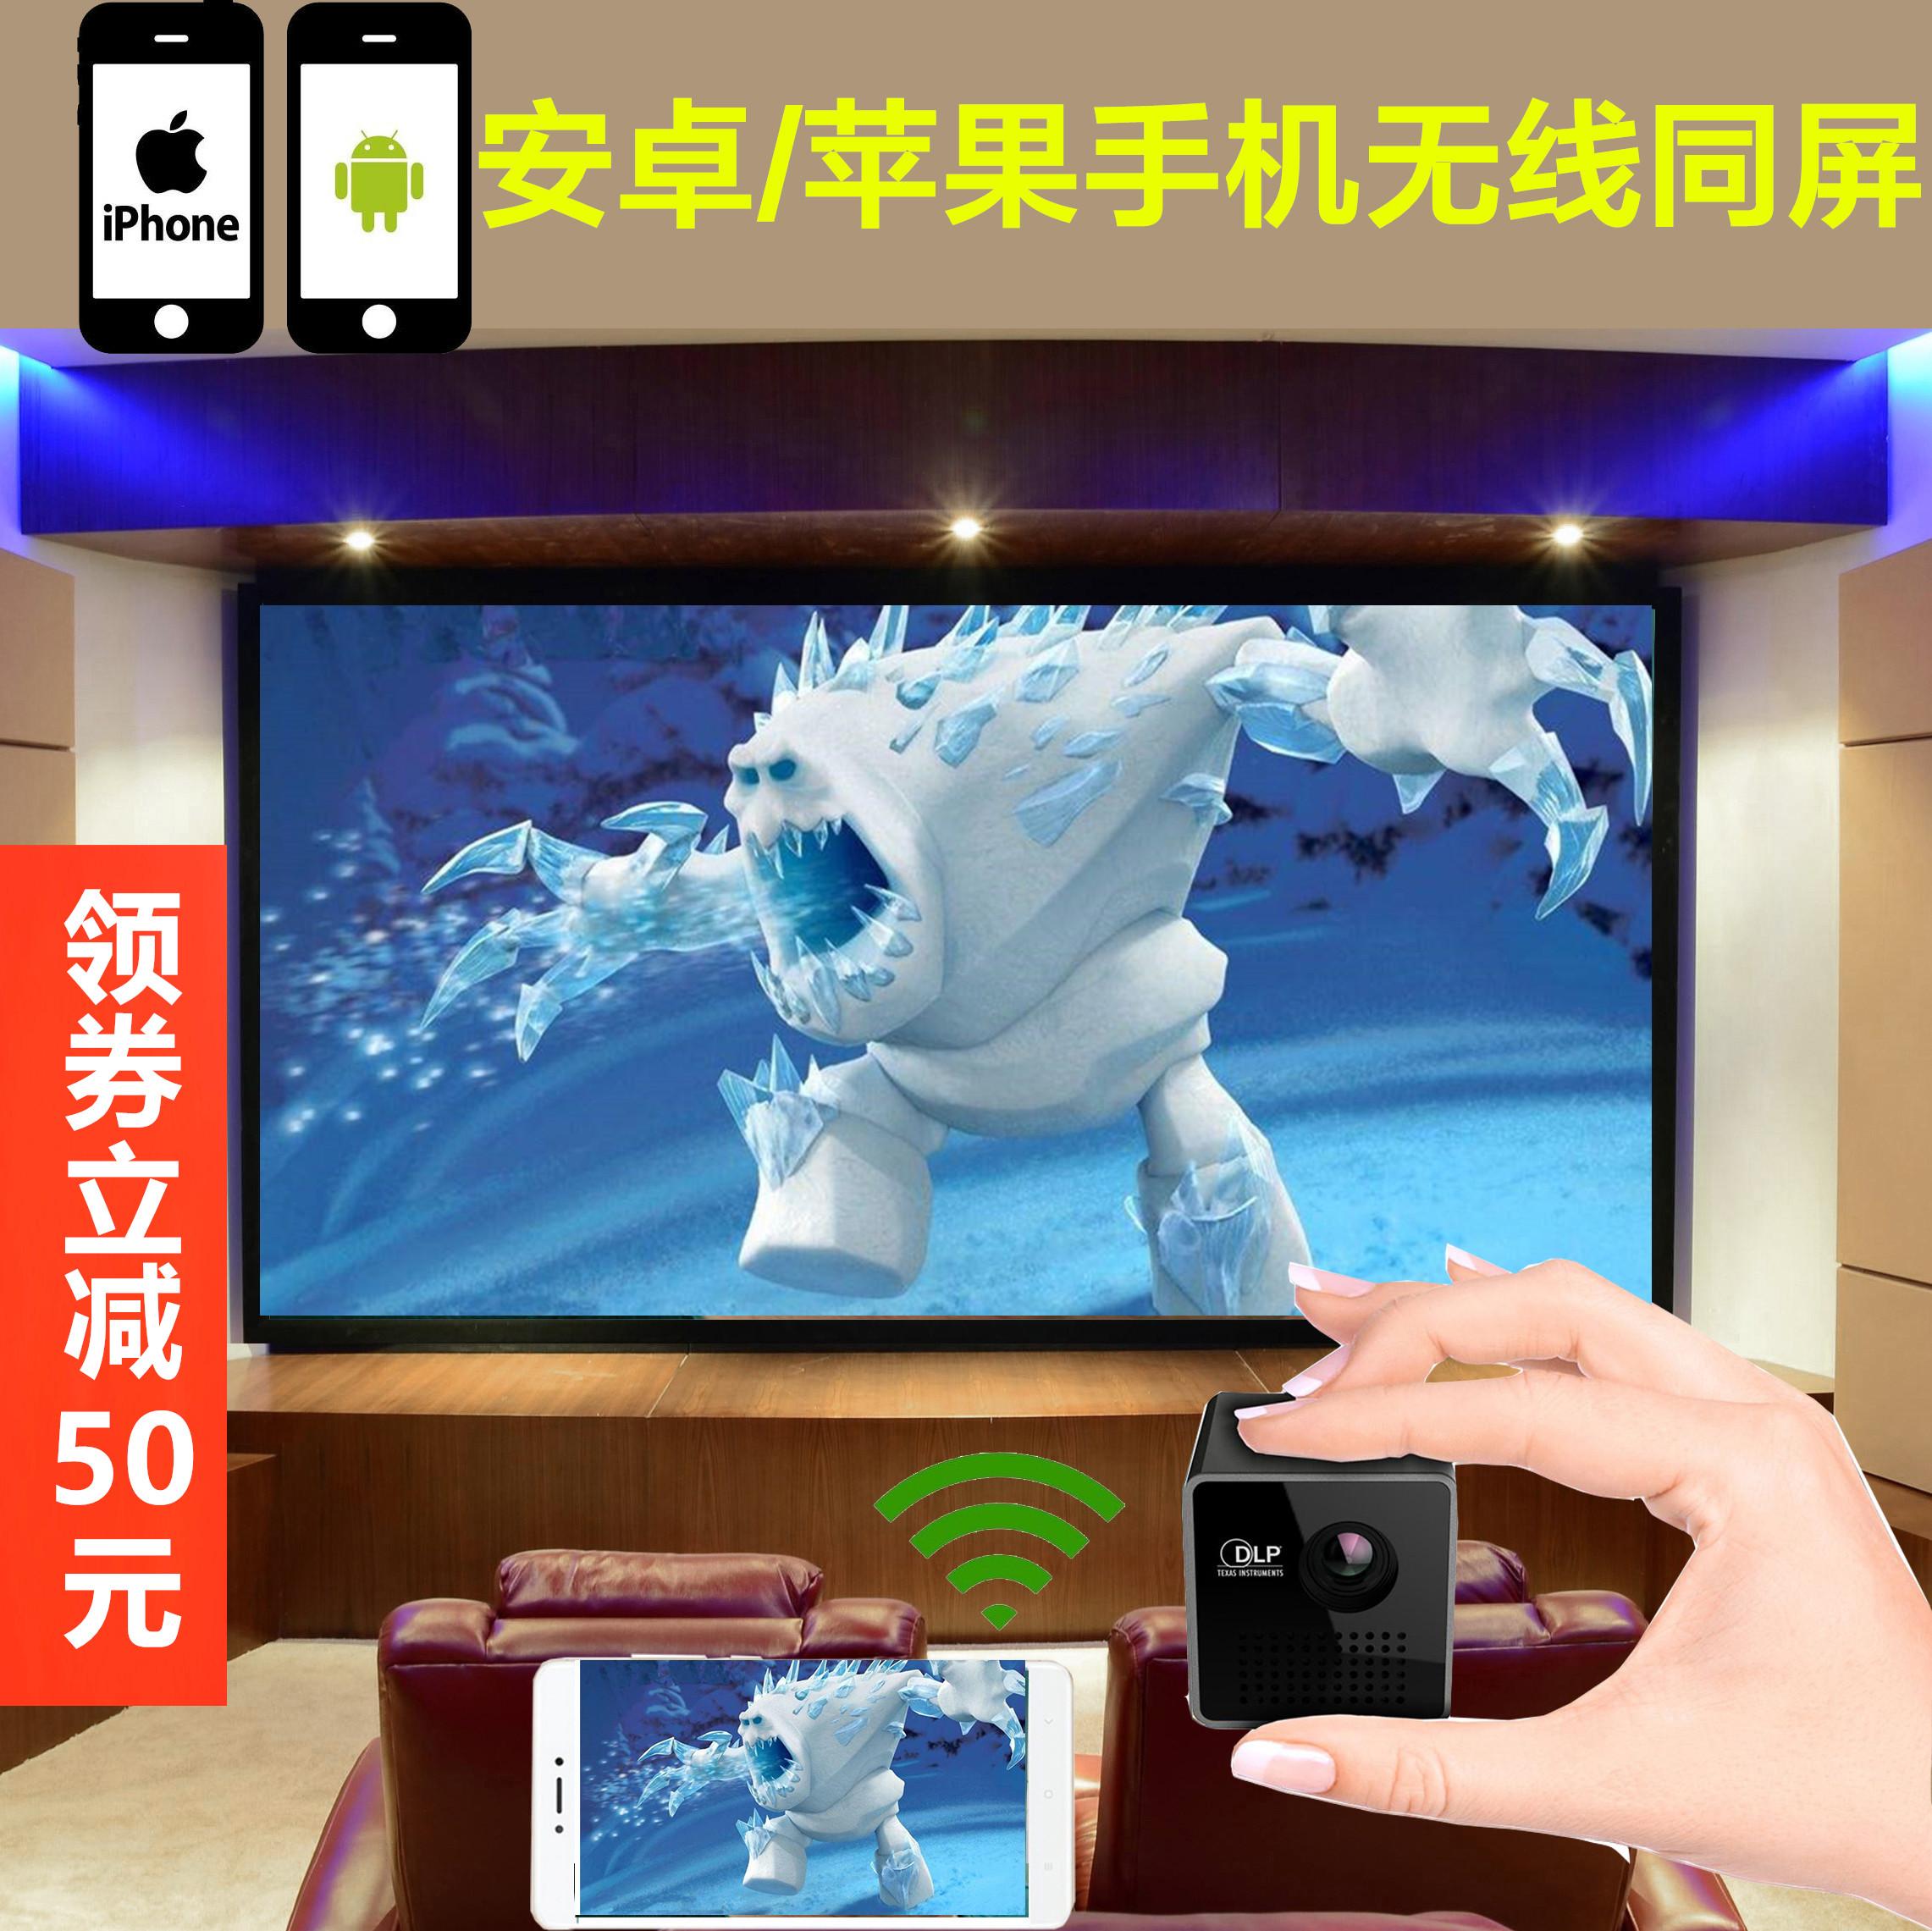 爆款迷你1080投影仪家用安卓苹果手机无线WIFI微型家庭投影机高清